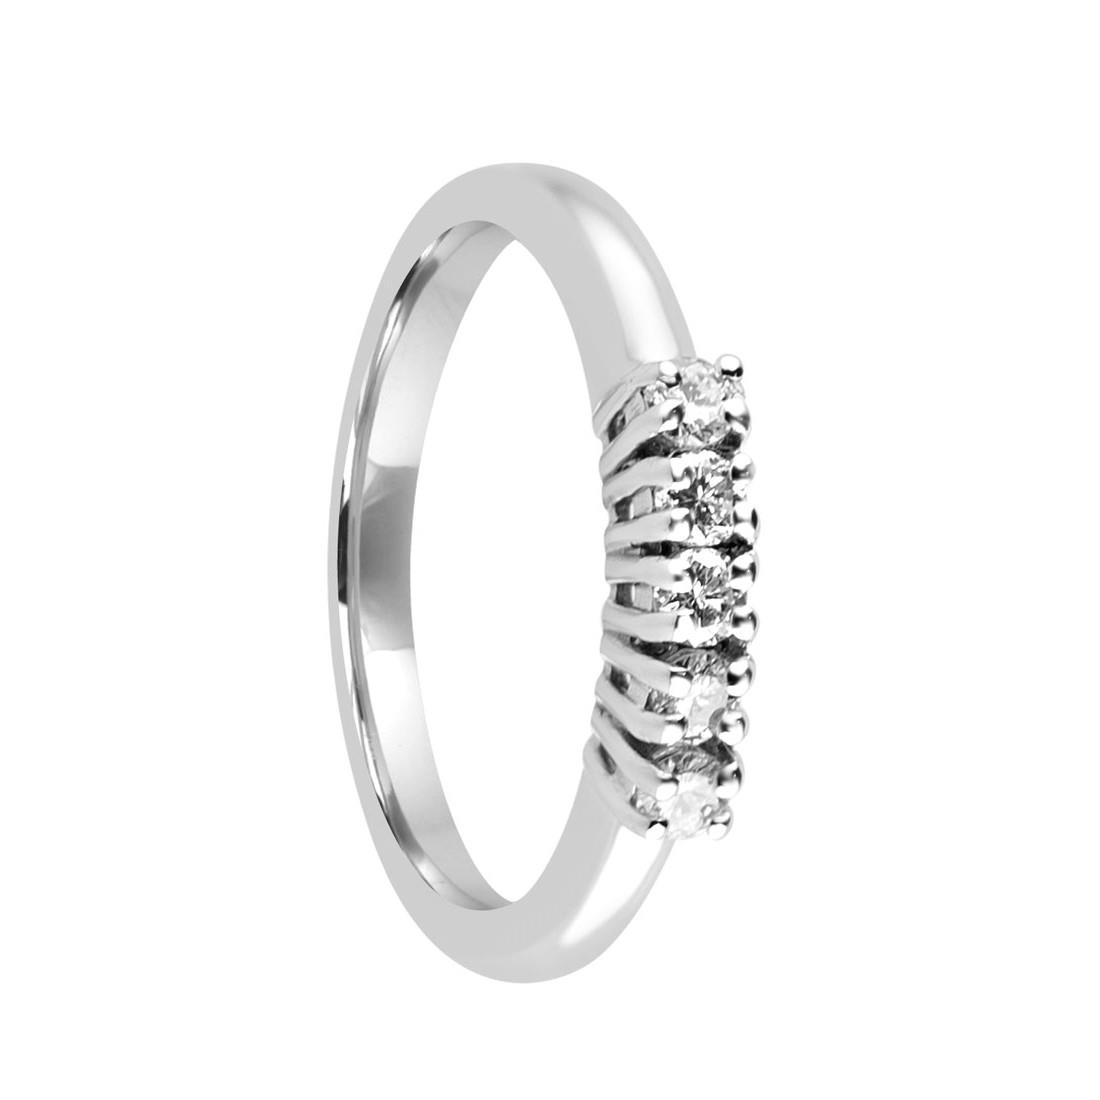 Anello veretta 5 pietre in oro bianco con diamanti mis 14 - ALFIERI & ST. JOHN